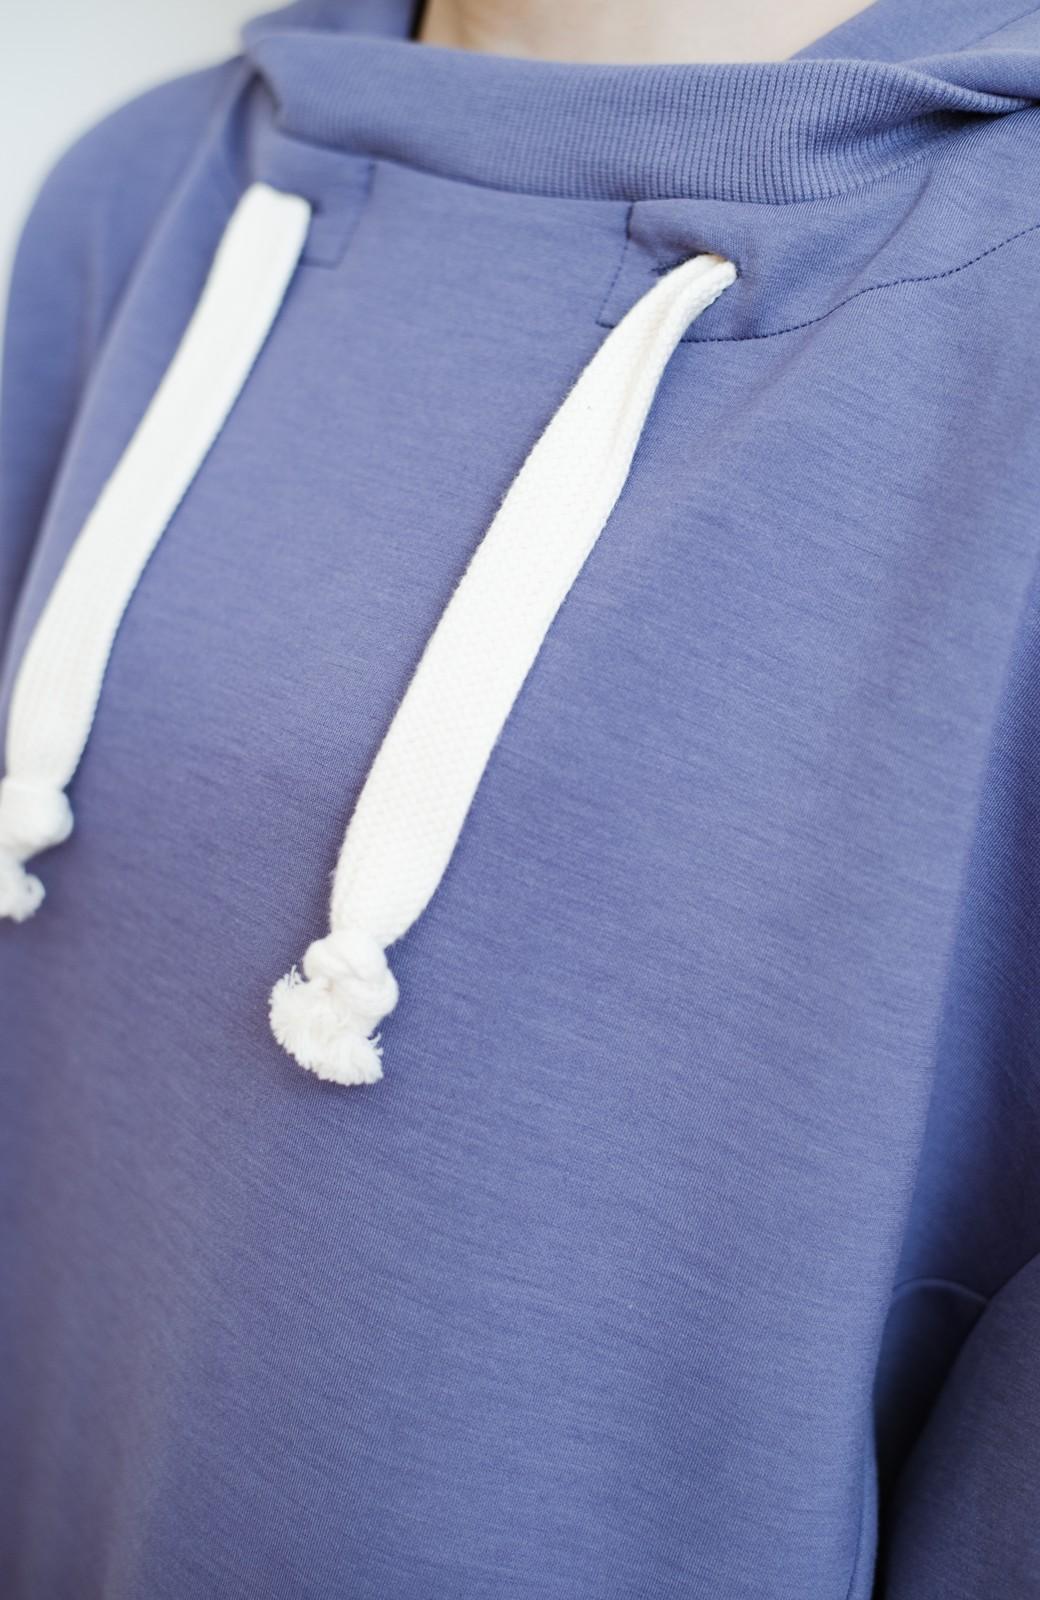 haco! 【スザンヌさんコラボ】オーバーサイズが華奢見せさせる 大人女子のためのスウェット風ビッグパーカー by LOVE&PEACE PROJECT <ラベンダー>の商品写真22